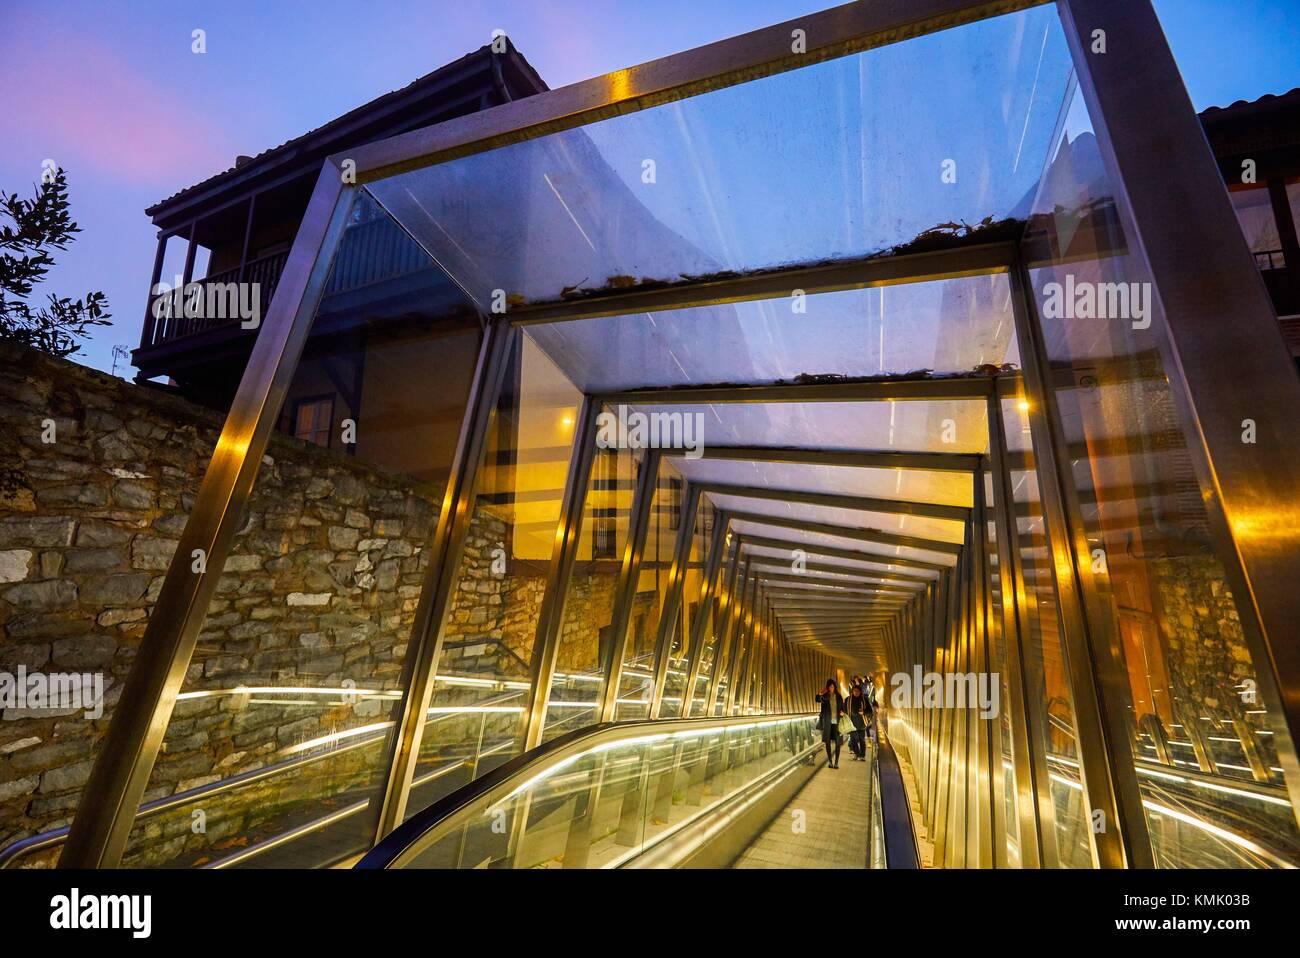 Fahrsteig verbindet die Altstadt mit der Stadt, Vitoria-Gasteiz, Araba, Baskenland, Spanien, Europa Stockbild